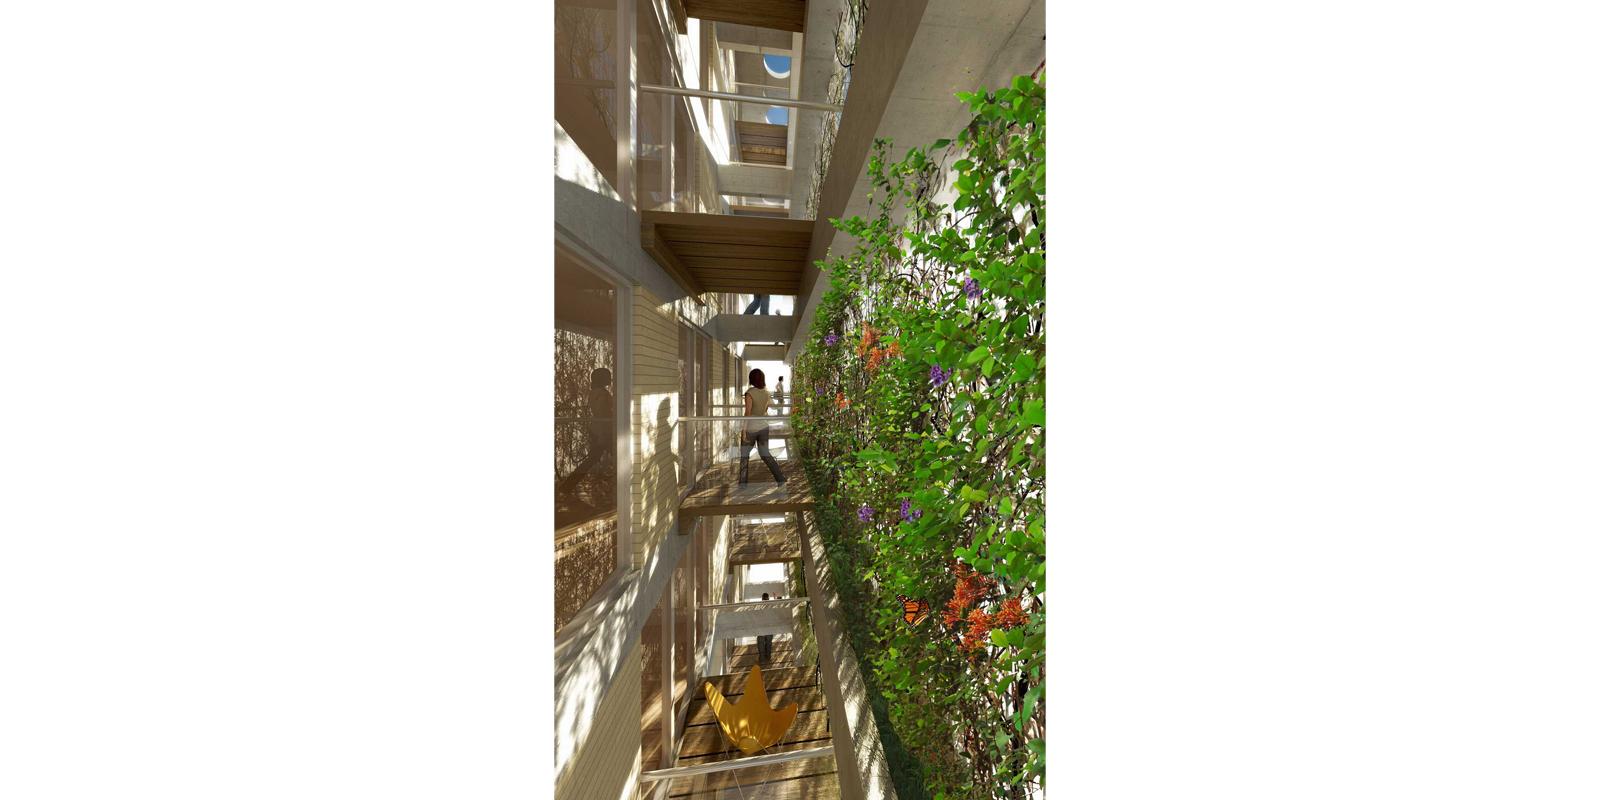 ProyectoC_Arquitectos_Portfolio_02_Amenabar